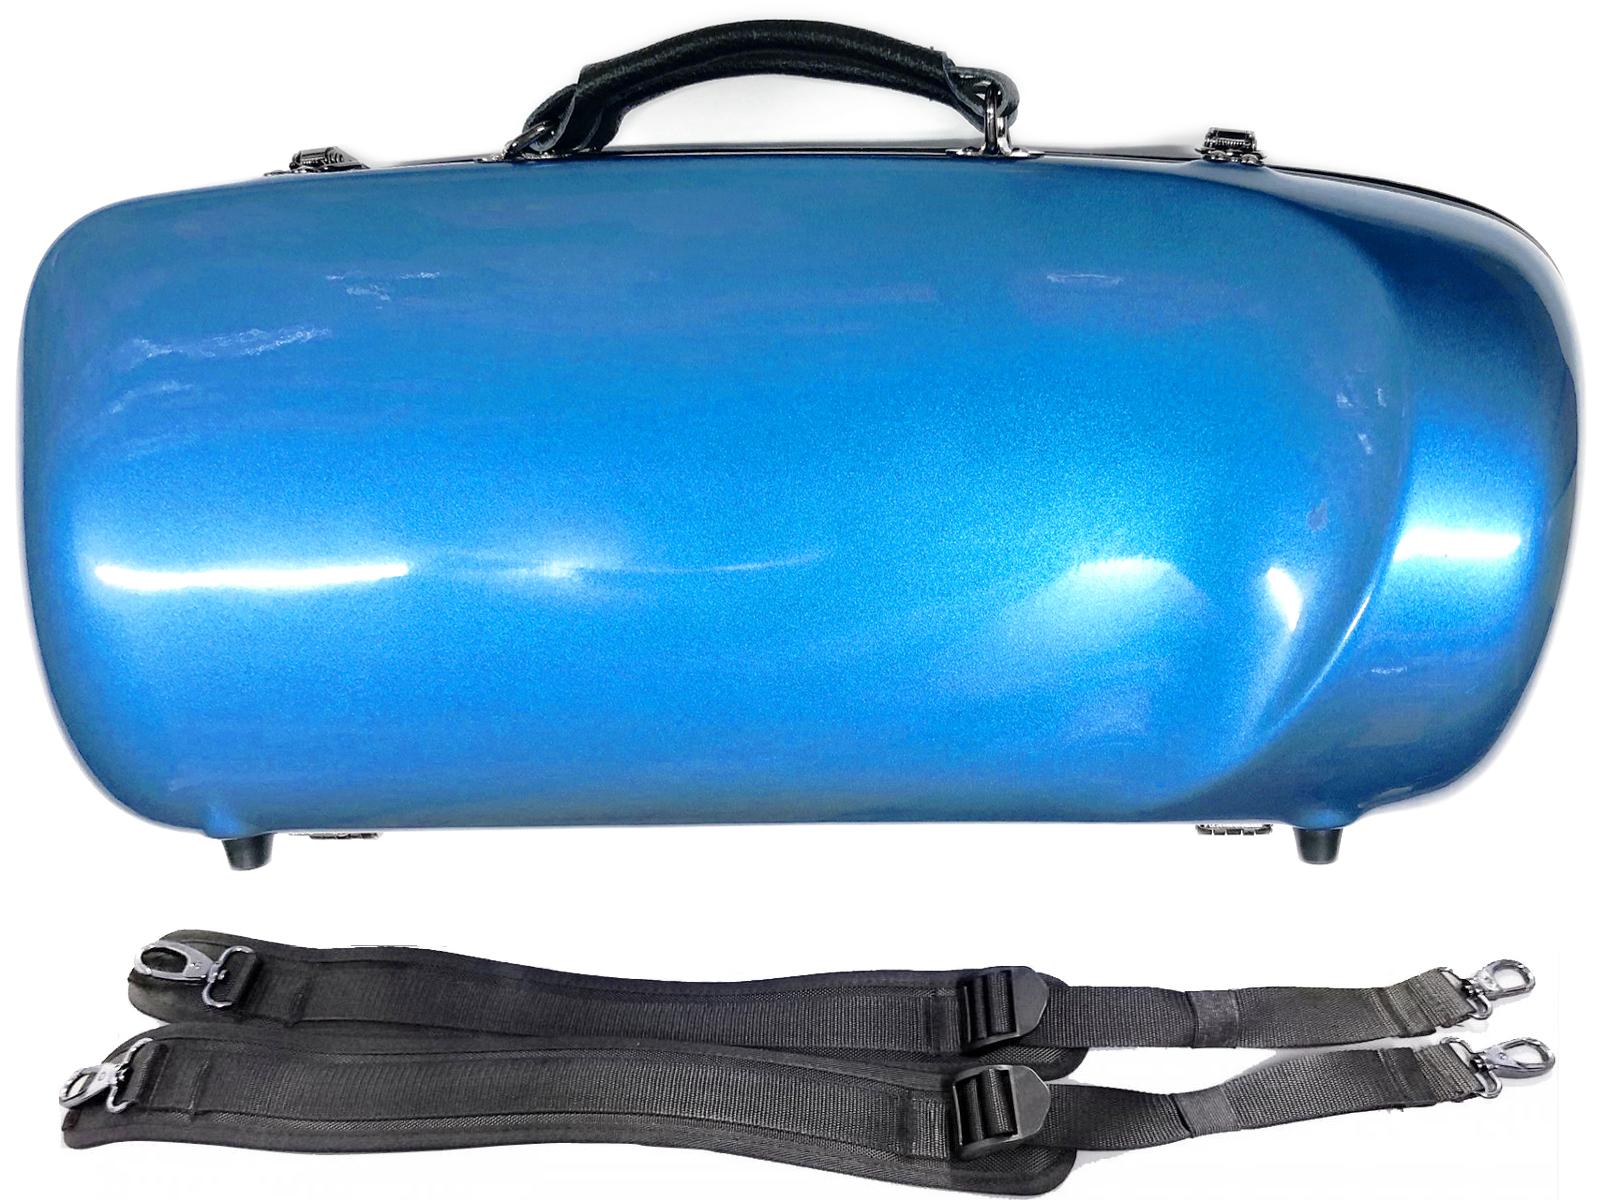 青色 売買 25%OFF ライト LBL aero トランペットケース シャイニーケースII CCシャイニーケース II CC2-ATP-LBL エアロ trumpet リュック blue case ブルー 北海道 沖縄 ハードケース 離島不可 ライトブルー